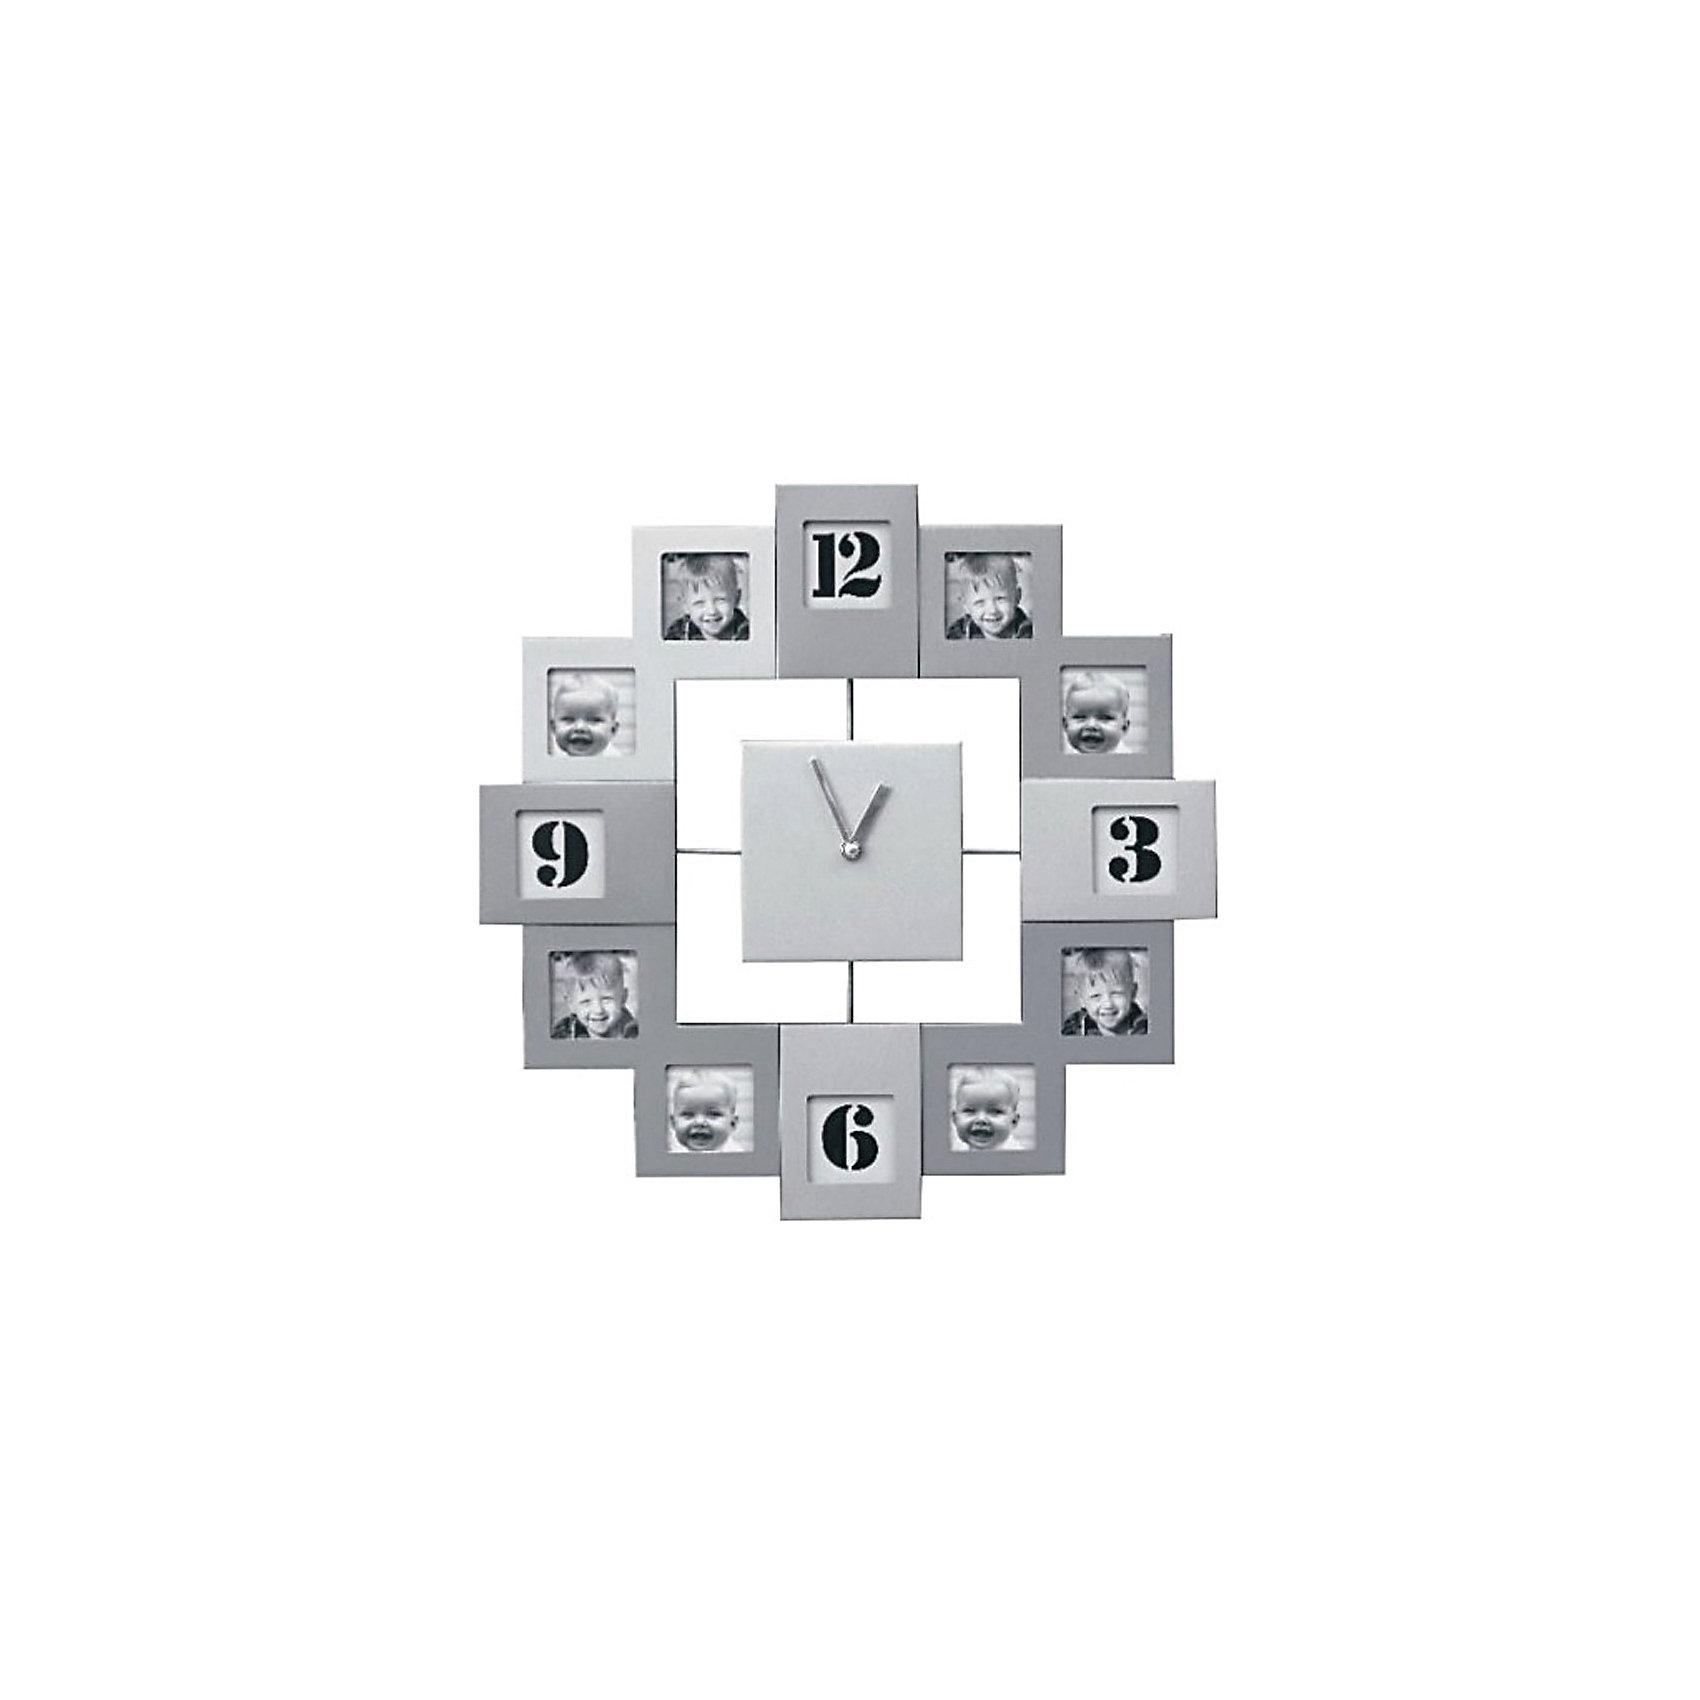 Фоторамка Platinum с часами, Яркий праздникПредметы интерьера<br>Фоторамка Platinum с часами, Яркий праздник<br><br>Характеристики:<br><br>• Состав: металл<br>• Размер: 34 * 5 * 34 см.<br>• Элементы питания: батарейки<br>• Страна производитель: Китай<br><br>Изящные часы сразу с двенадцатью фоторамками от компании, специализирующейся на производстве фоторамок для интерьеров Platinum (Платинум), оживят сразу несколько воспоминаний! Подвесные часы станут стильным украшением комнаты и помогут всегда быть вовремя. Лаконичный серебряный цвет отлично подойдет как для спальни, так и для кухни или гостиной. <br><br>Две минималистичные стрелки соответствуют стилю рамок. В наборе фоторамок восемь одинаковых квадратных рамочек и четыре прямоугольные, созданные специально для каждого вашего любимого кадра. Привнесите в свой дом атмосферу комфорта и яркого праздника вместе с новой фоторамкой!<br><br>Фоторамку Platinum с часами, Яркий праздник можно купить в нашем интернет-магазине.<br><br>Ширина мм: 340<br>Глубина мм: 48<br>Высота мм: 340<br>Вес г: 420<br>Возраст от месяцев: 36<br>Возраст до месяцев: 2147483647<br>Пол: Унисекс<br>Возраст: Детский<br>SKU: 5453962